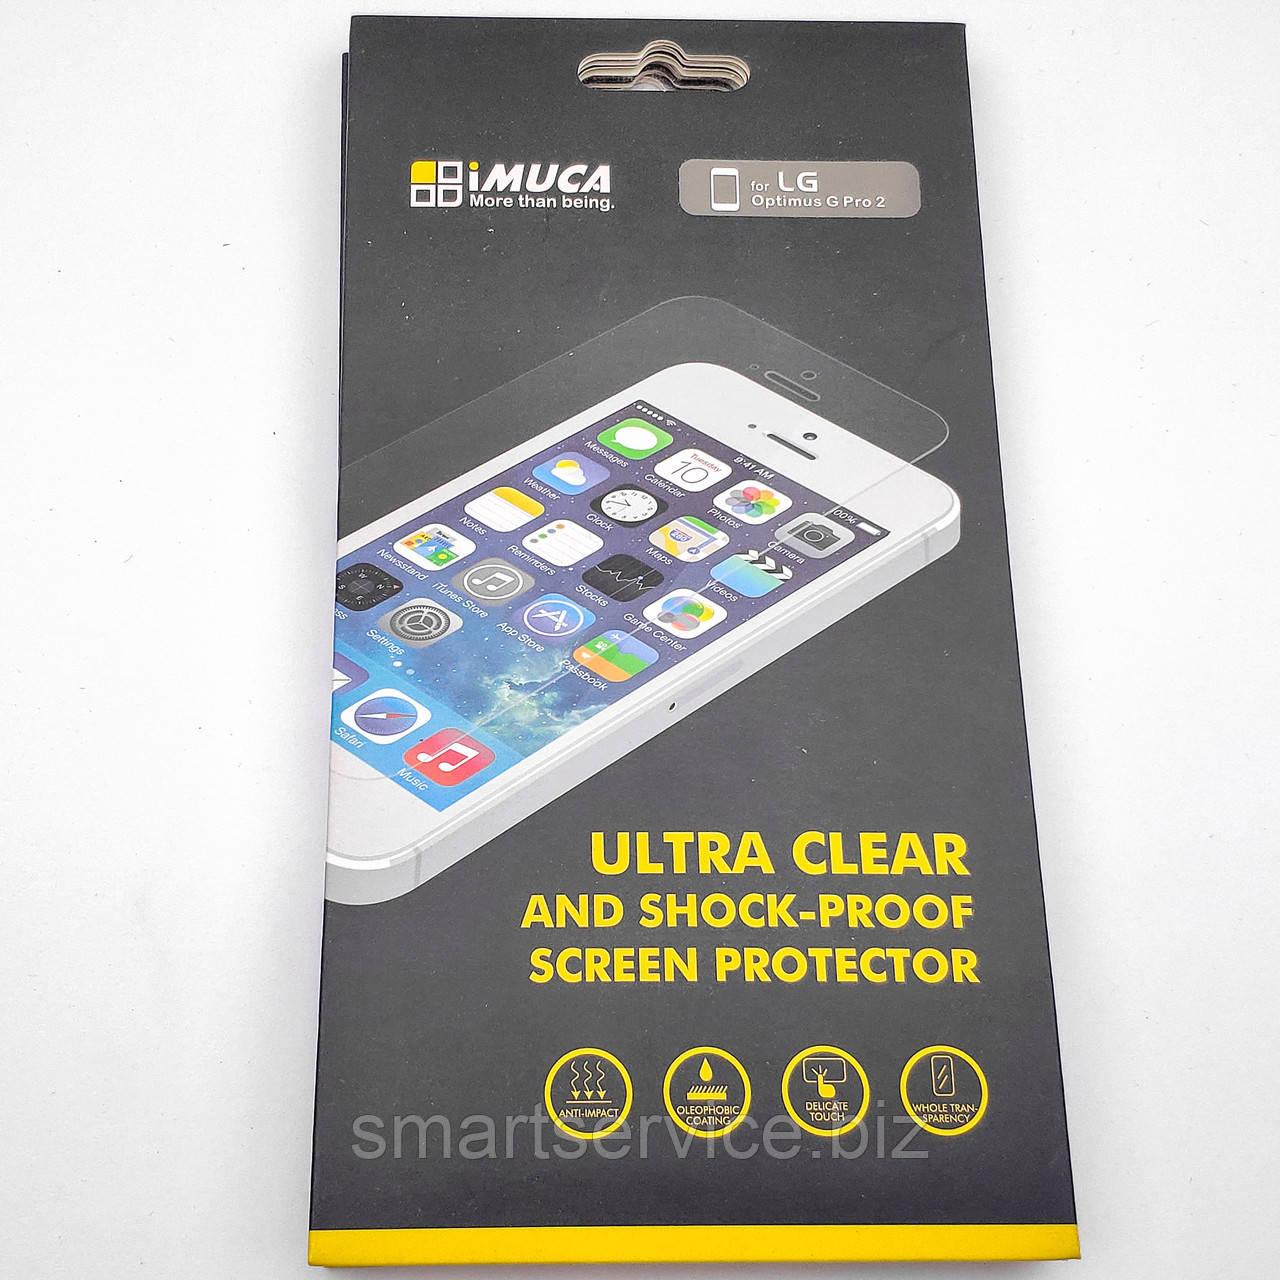 Защитная пленка IMUCA Ultra Clear Shock-Proof для LG Optimus G Pro 2